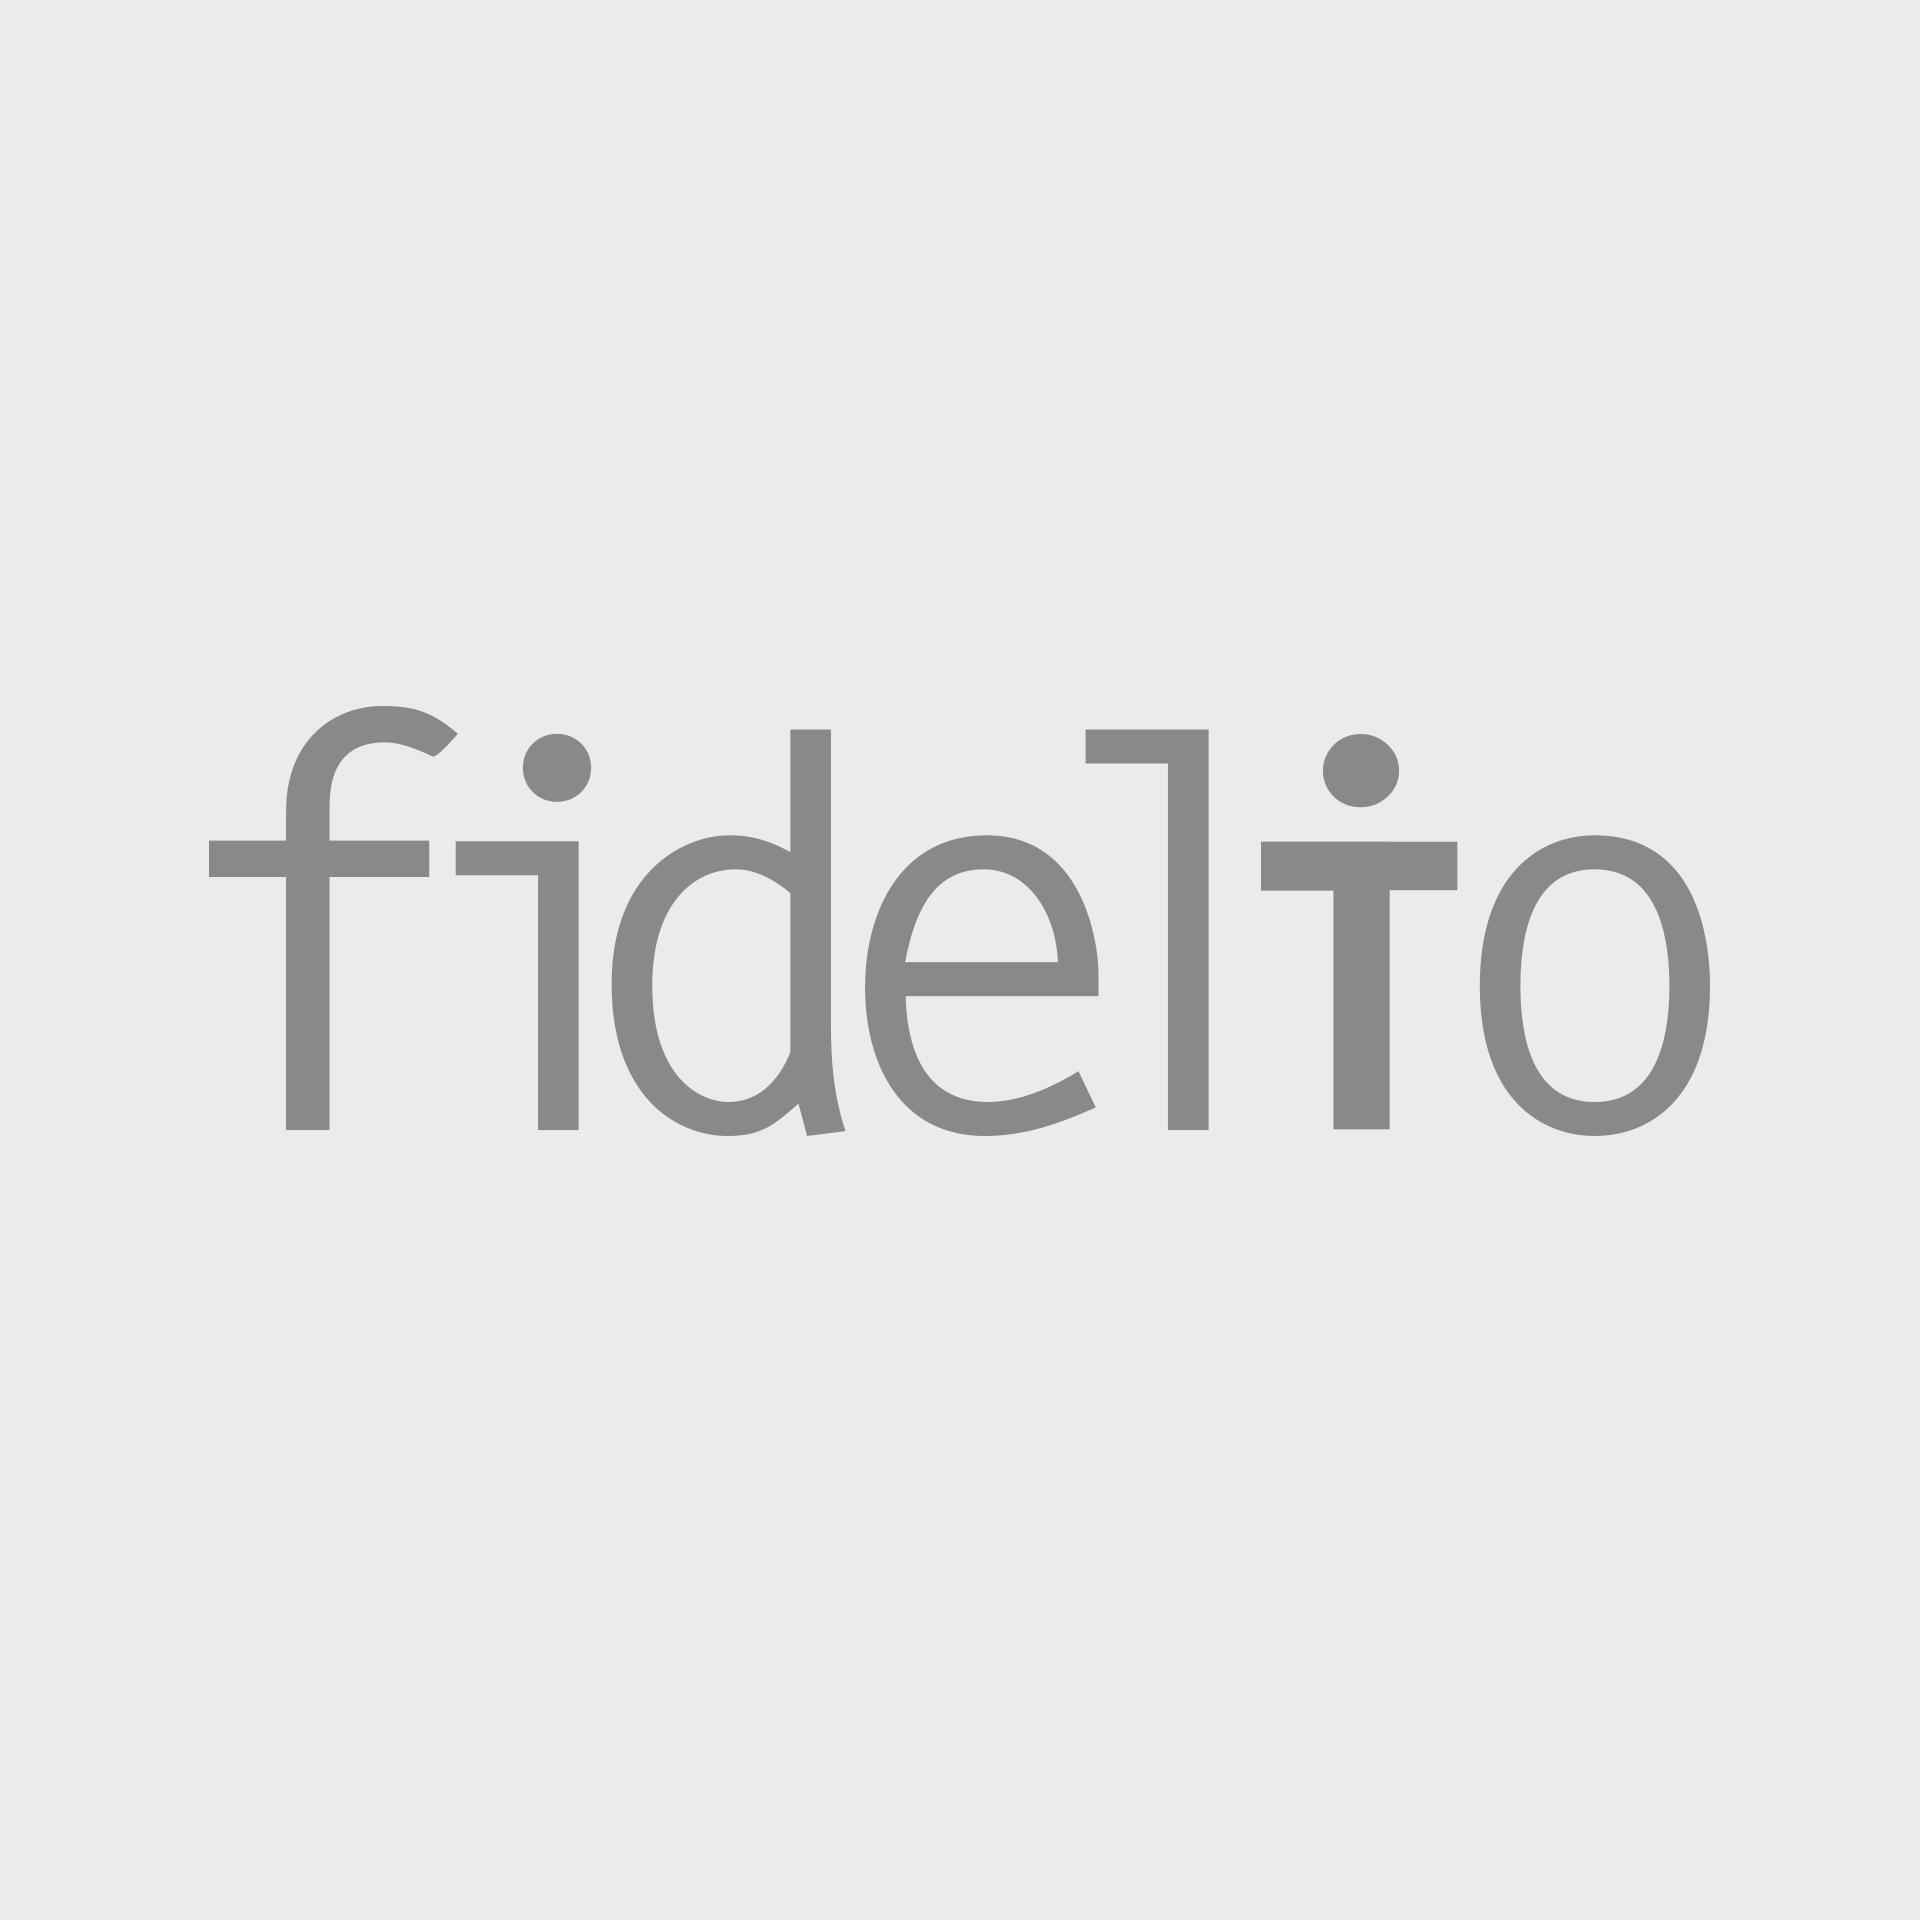 Degas-155622.jpg